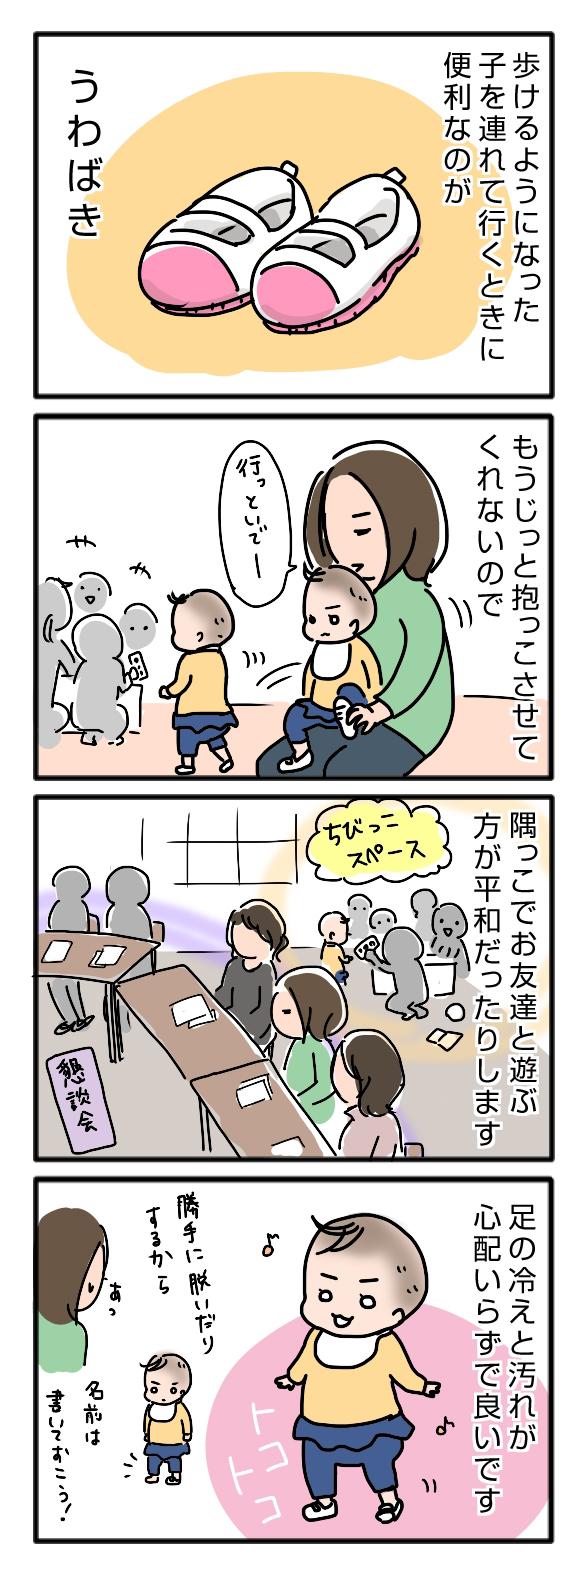 そろそろ抱っこは卒業!?歩きたがる子どもにオススメなのは●● ~姉ちゃんは育児中 番外編2~の画像1